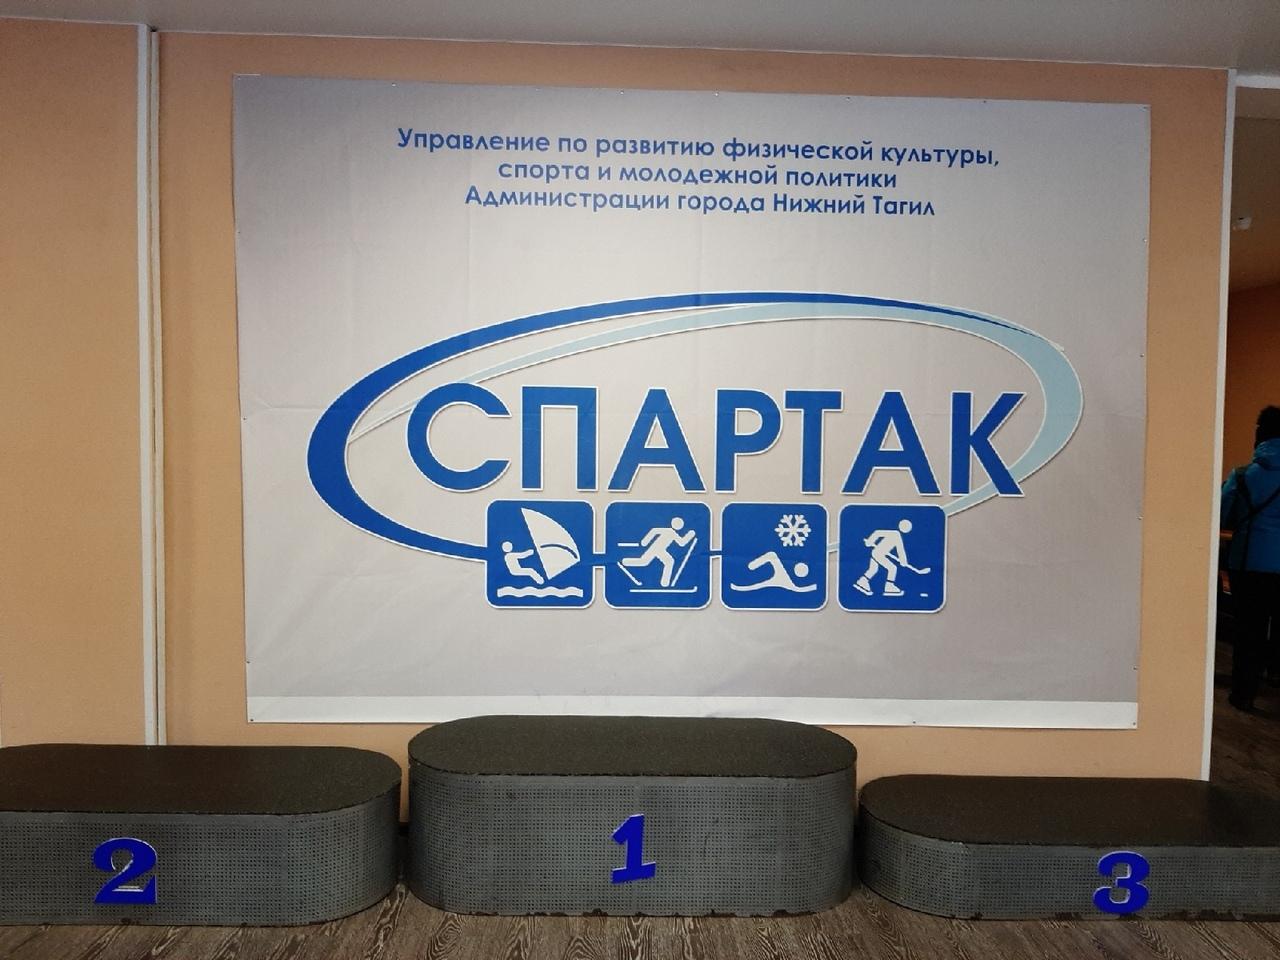 Кубок Свердловской области по спортивному ориентированию на лыжах.